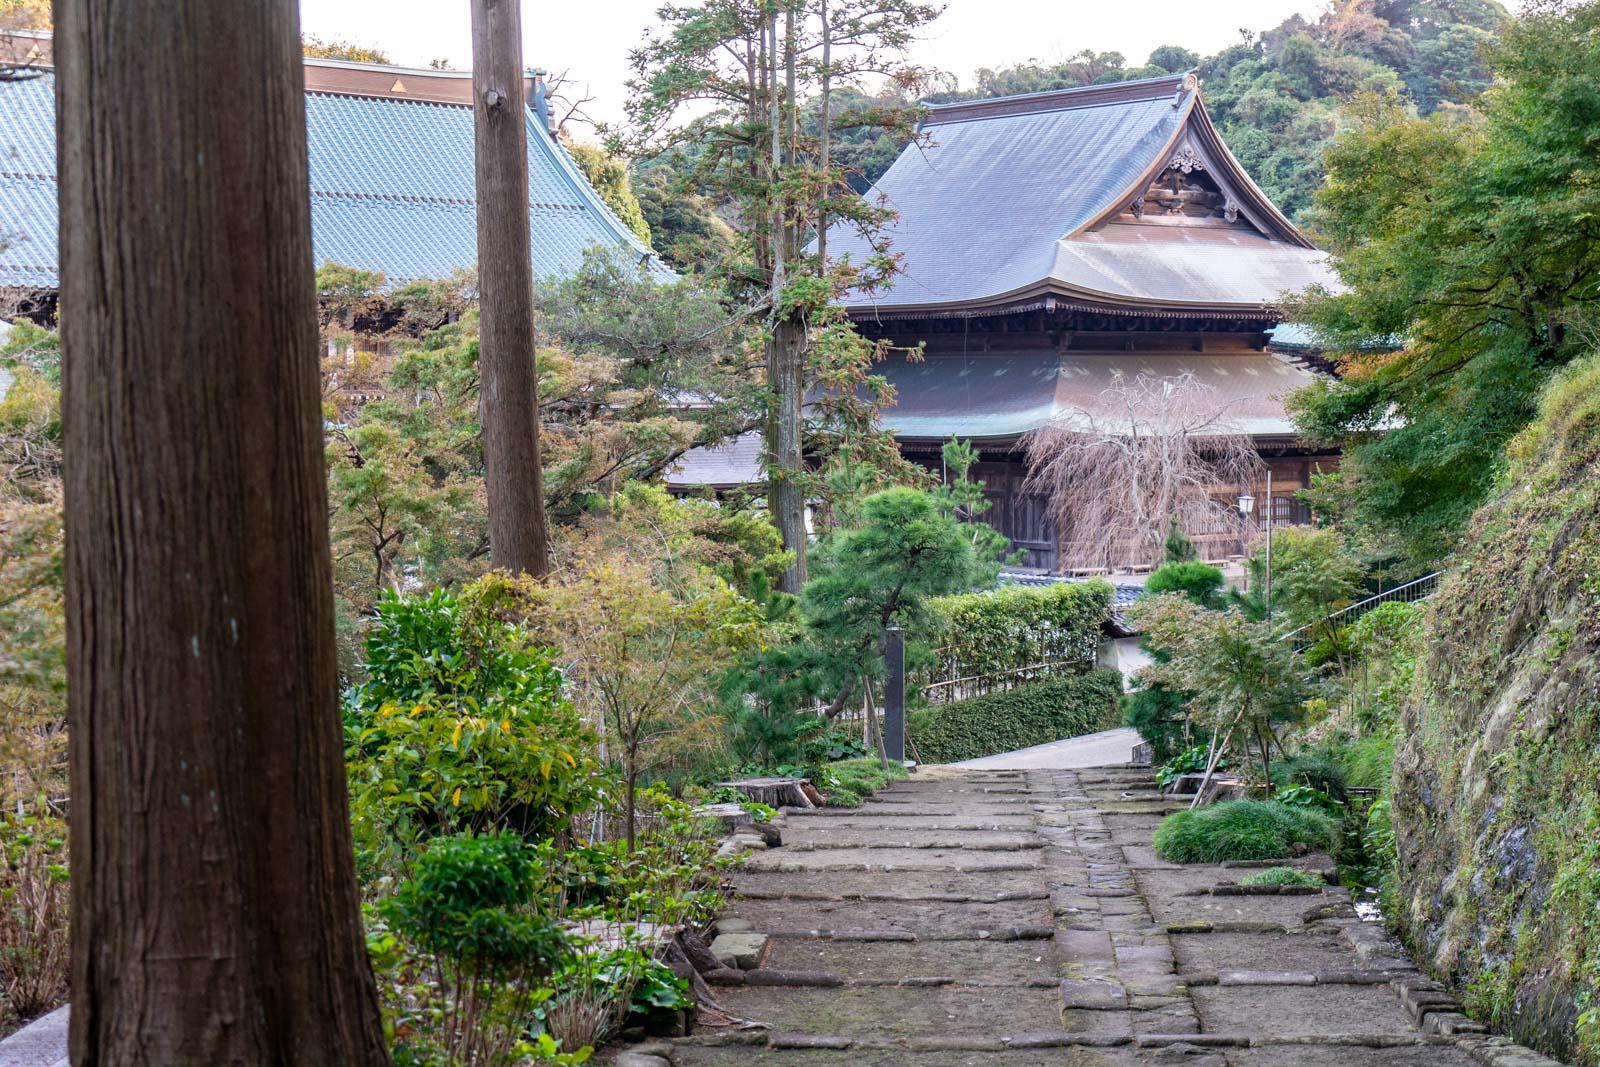 Things to do in Kamakura, Japan